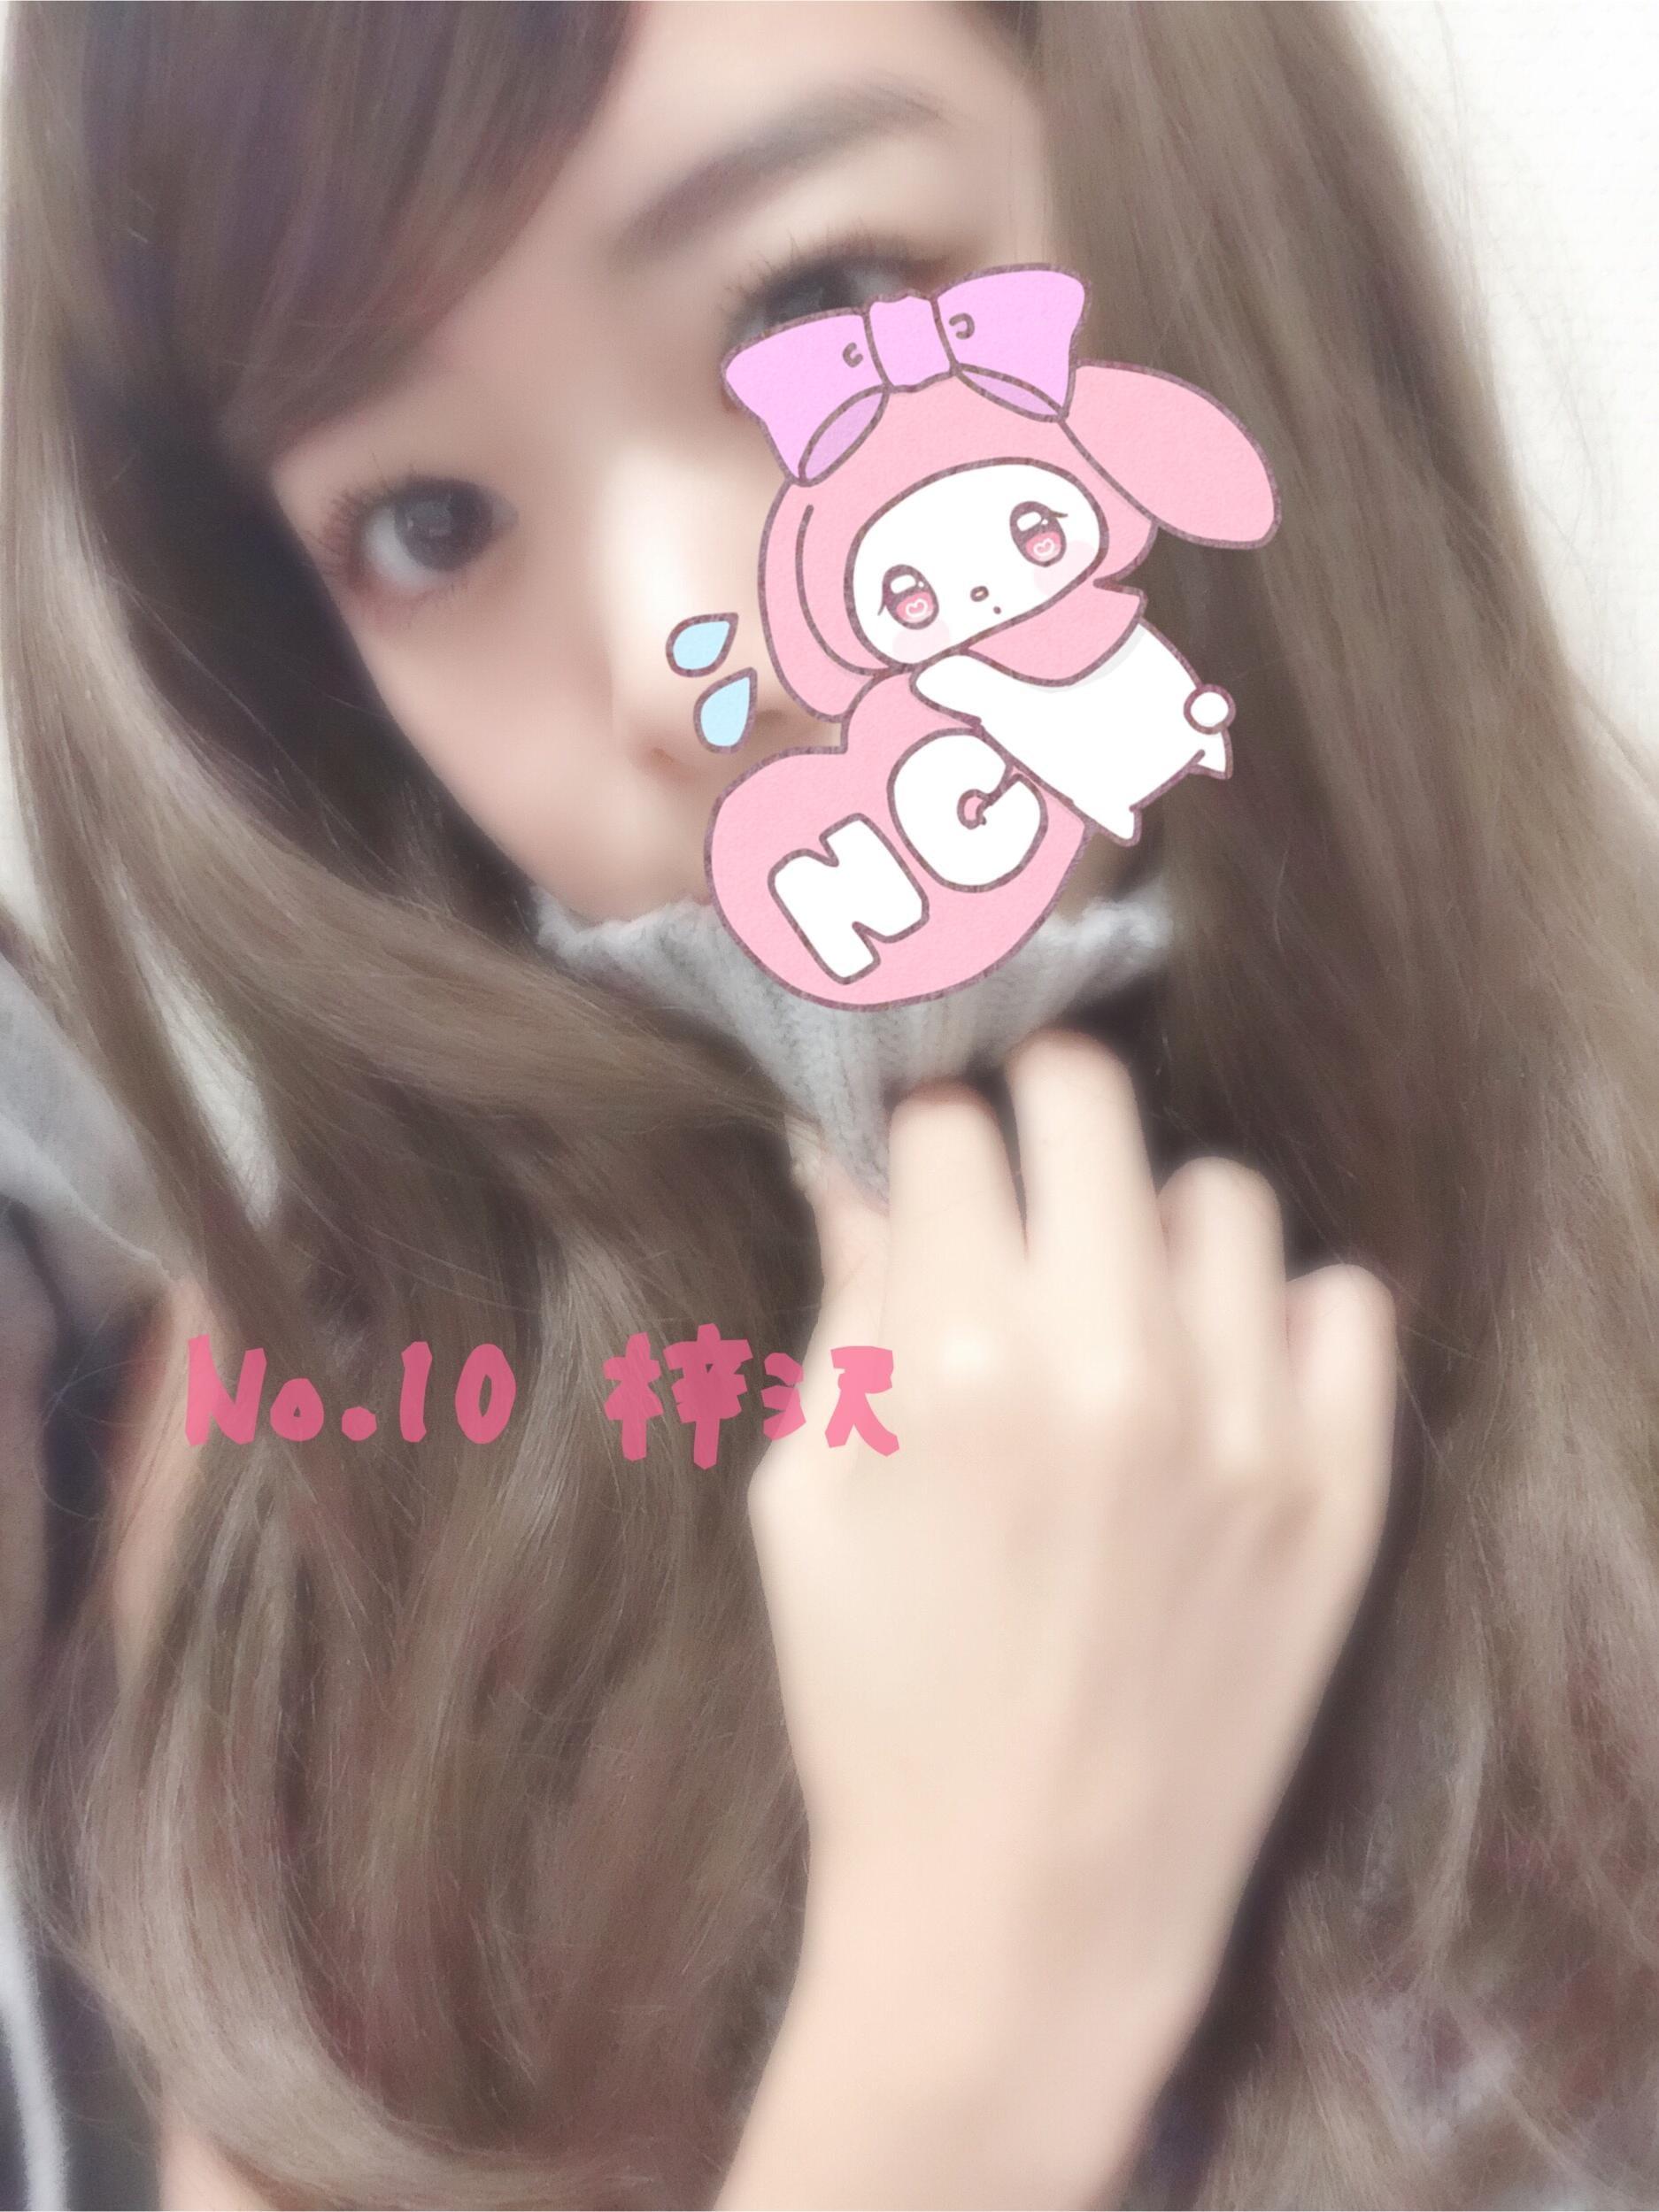 「今月はえろニットだーー」02/05(02/05) 16:03   梓沢の写メ・風俗動画